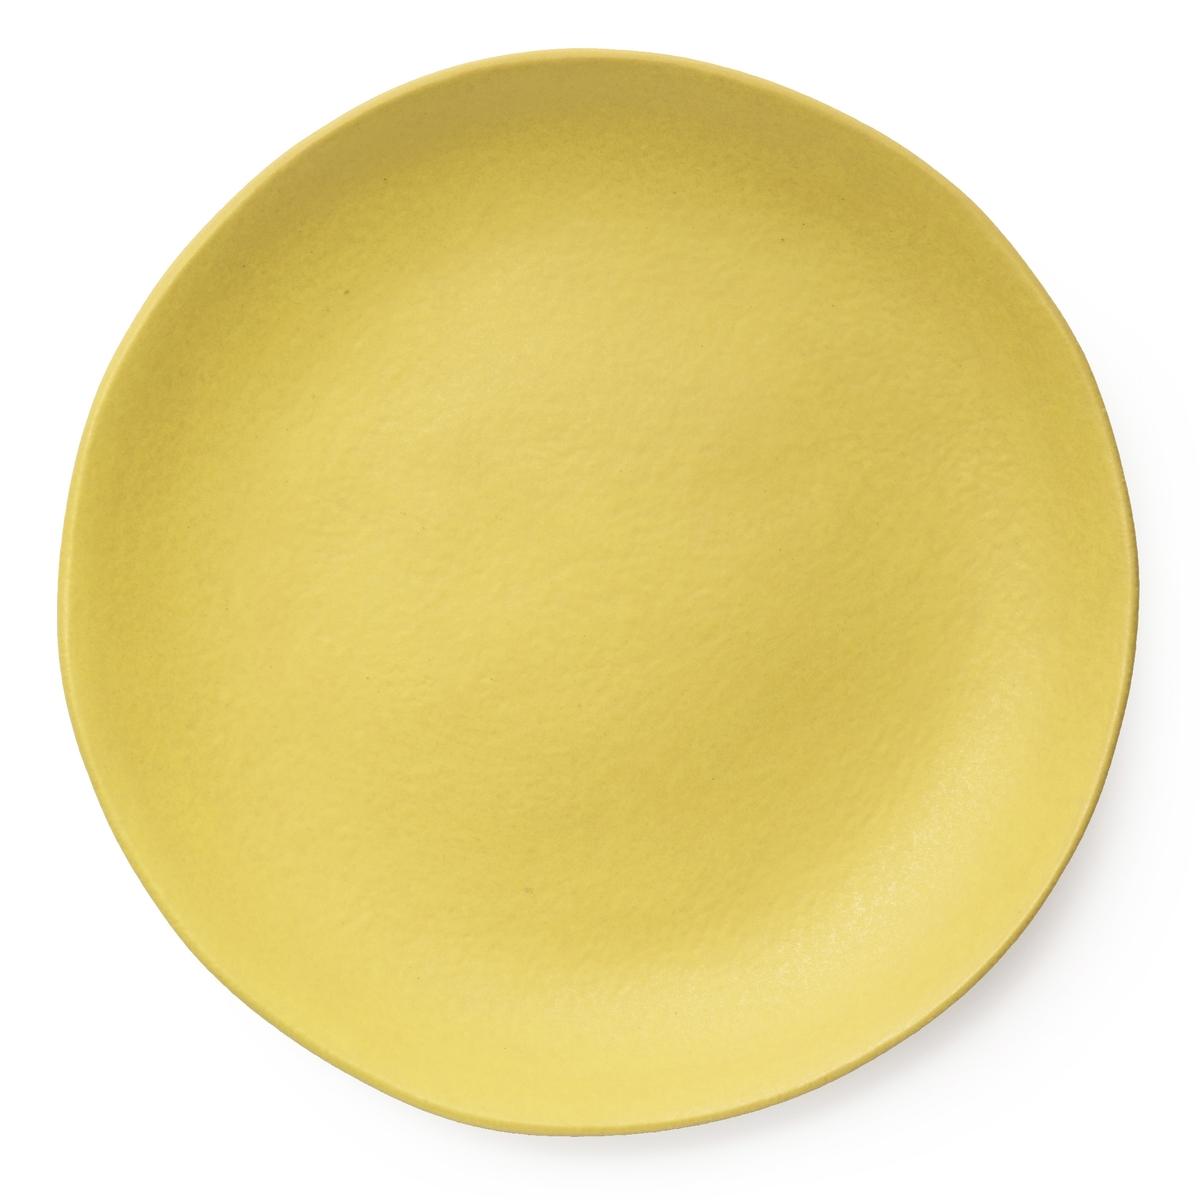 AOKI Glazed Stoneware Plate